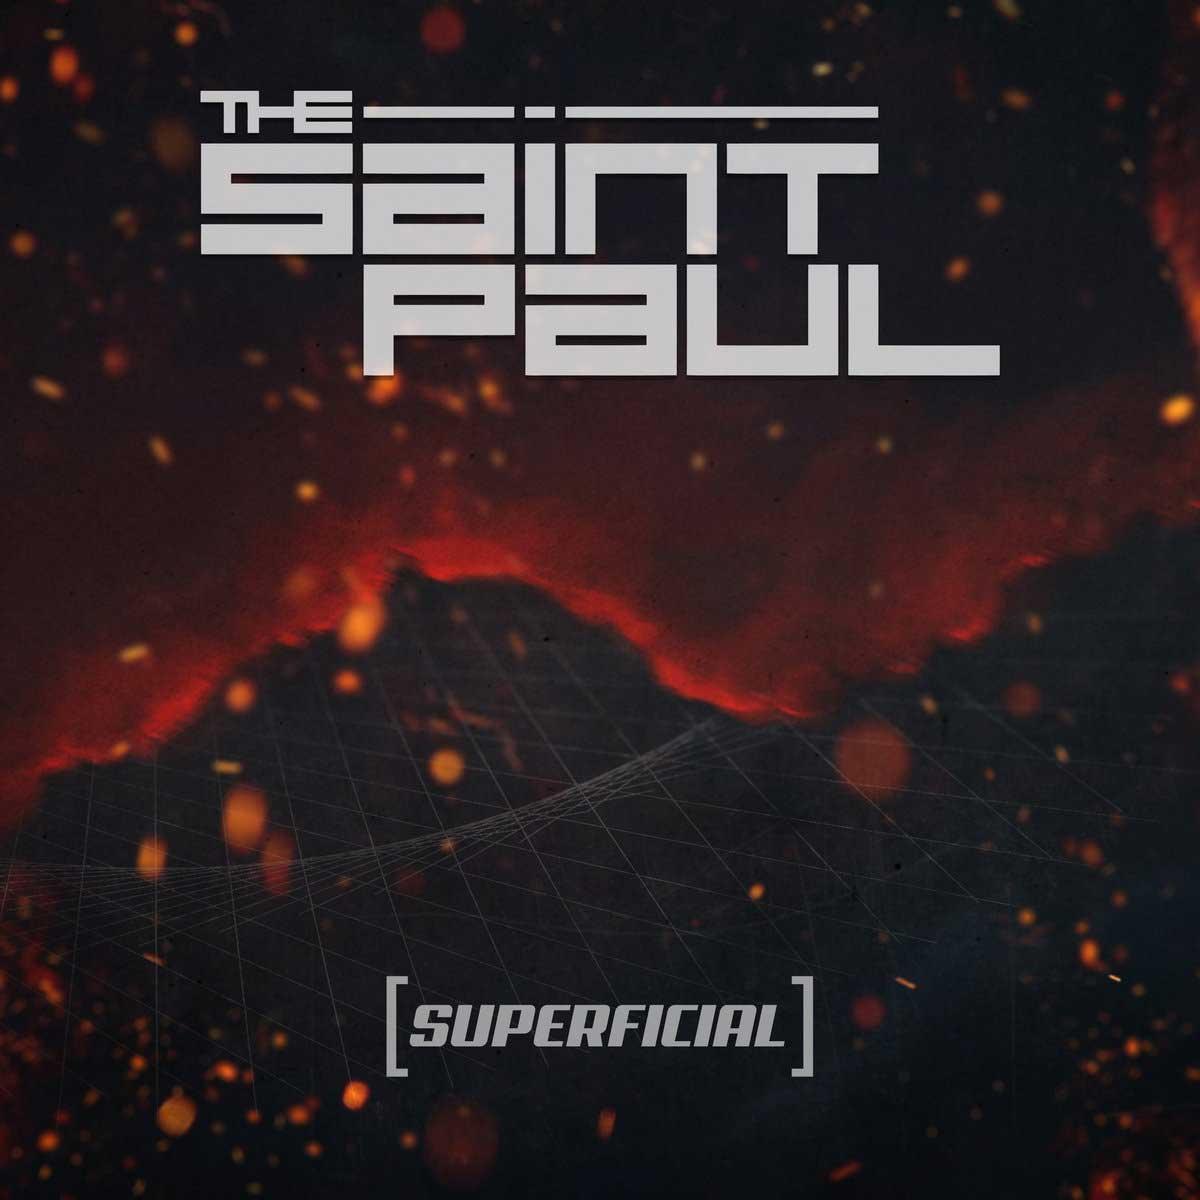 The Saint Paul - Superficial - The Saint Paul - Superficial